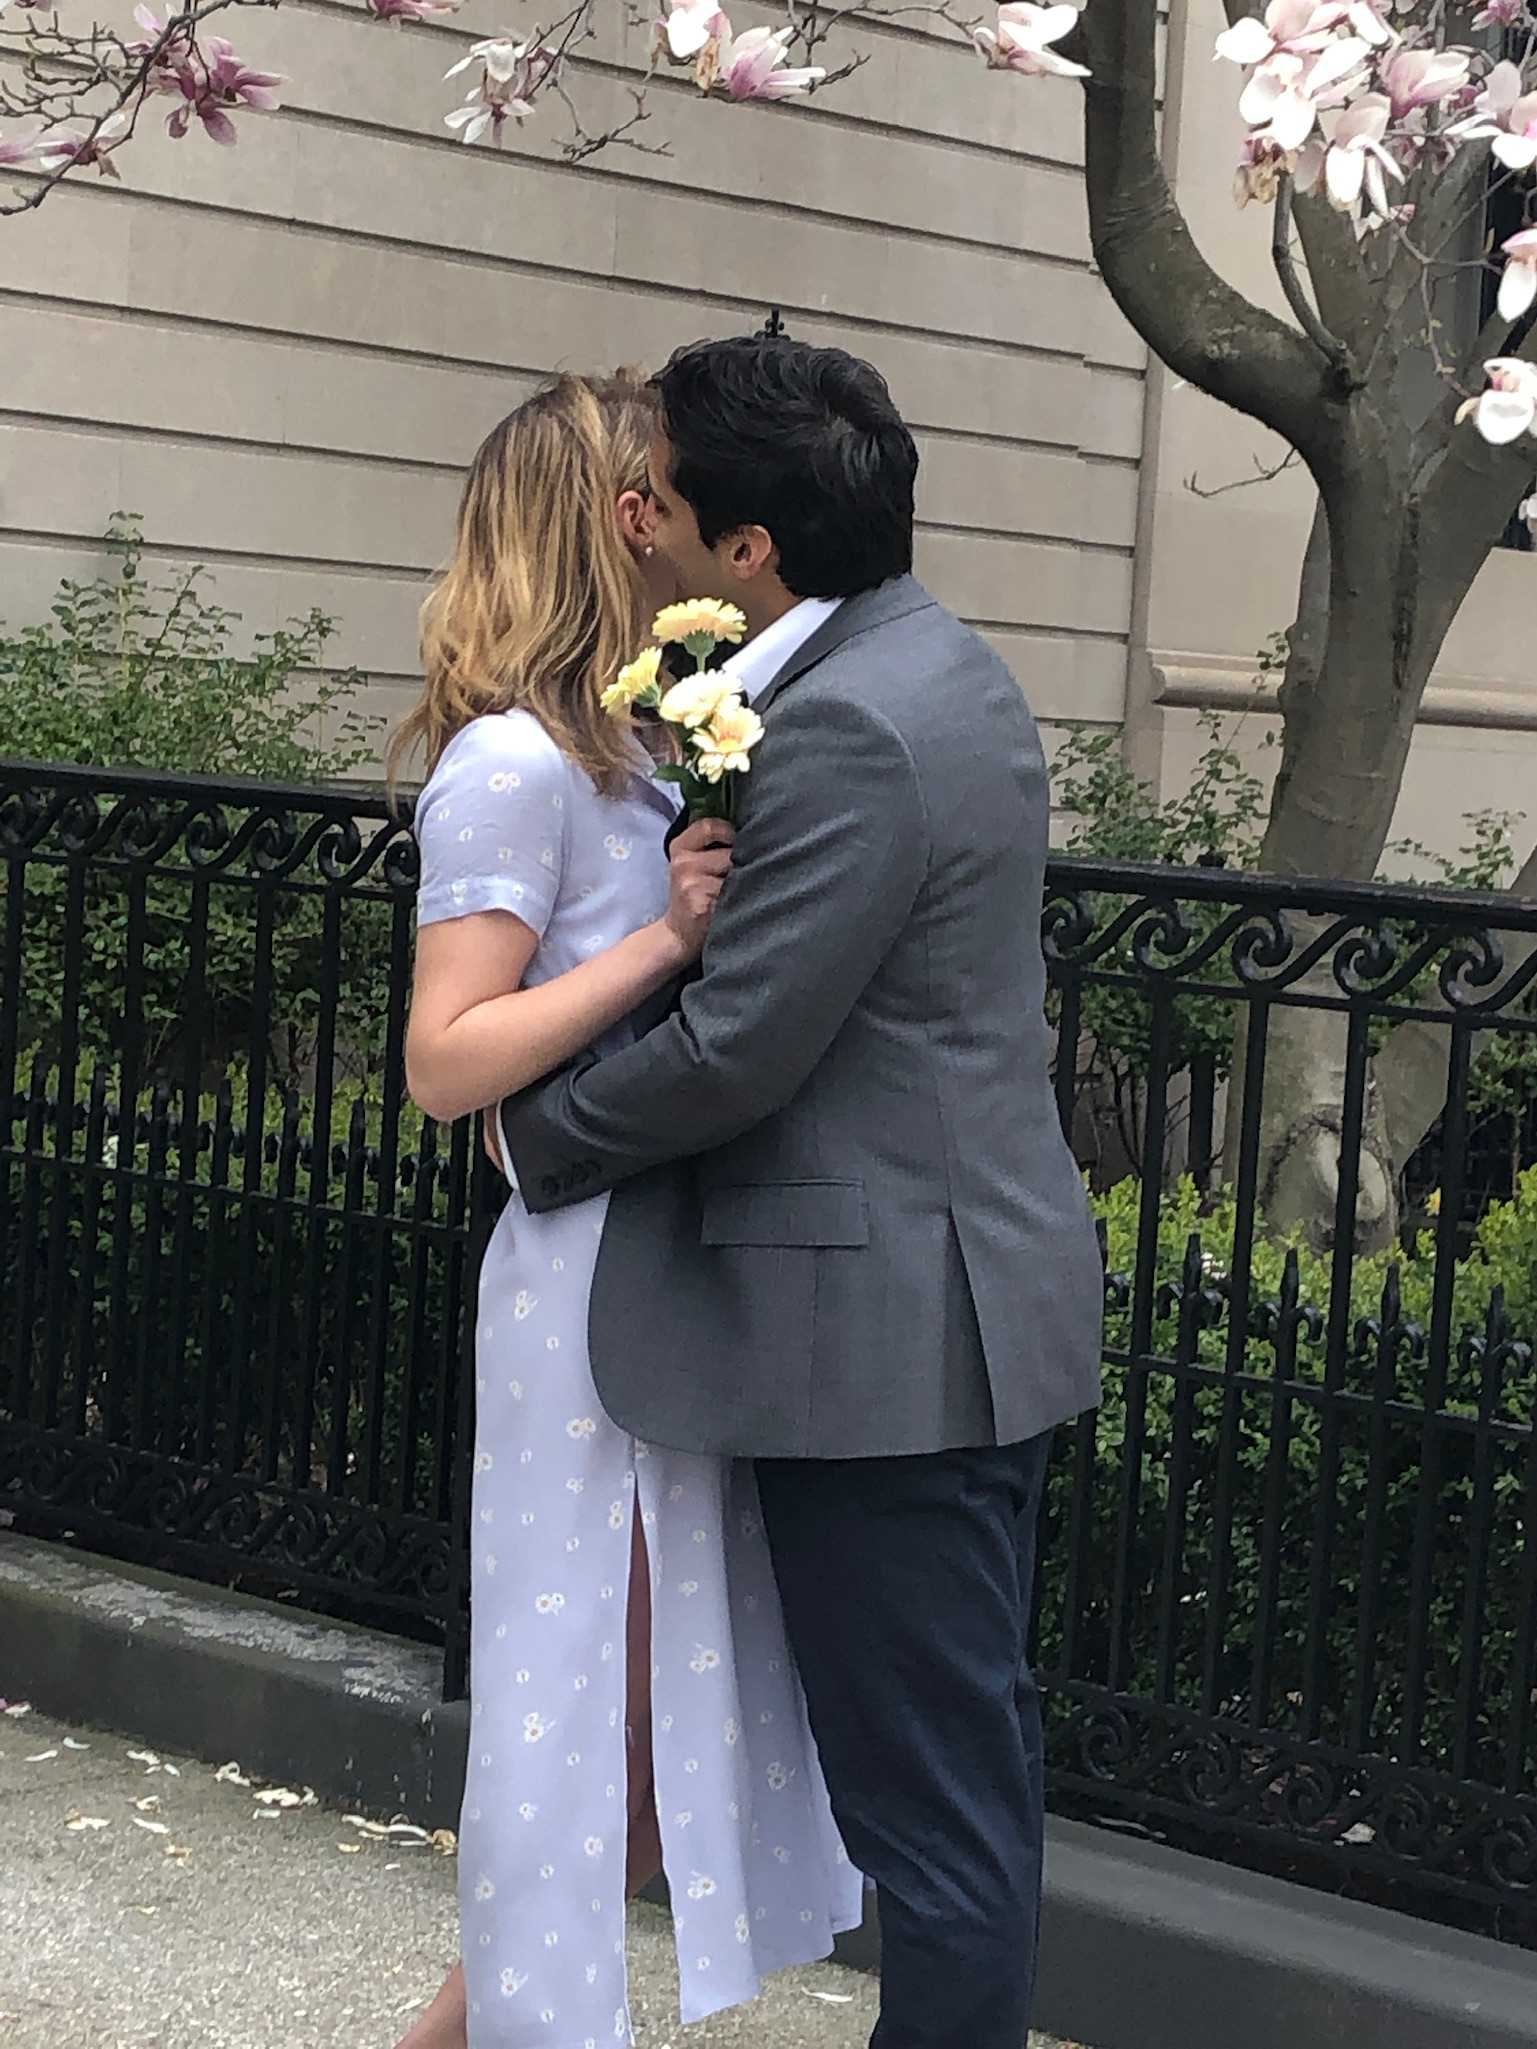 Sidewalk Wedding, COVID Fatigue & Found Insecurity